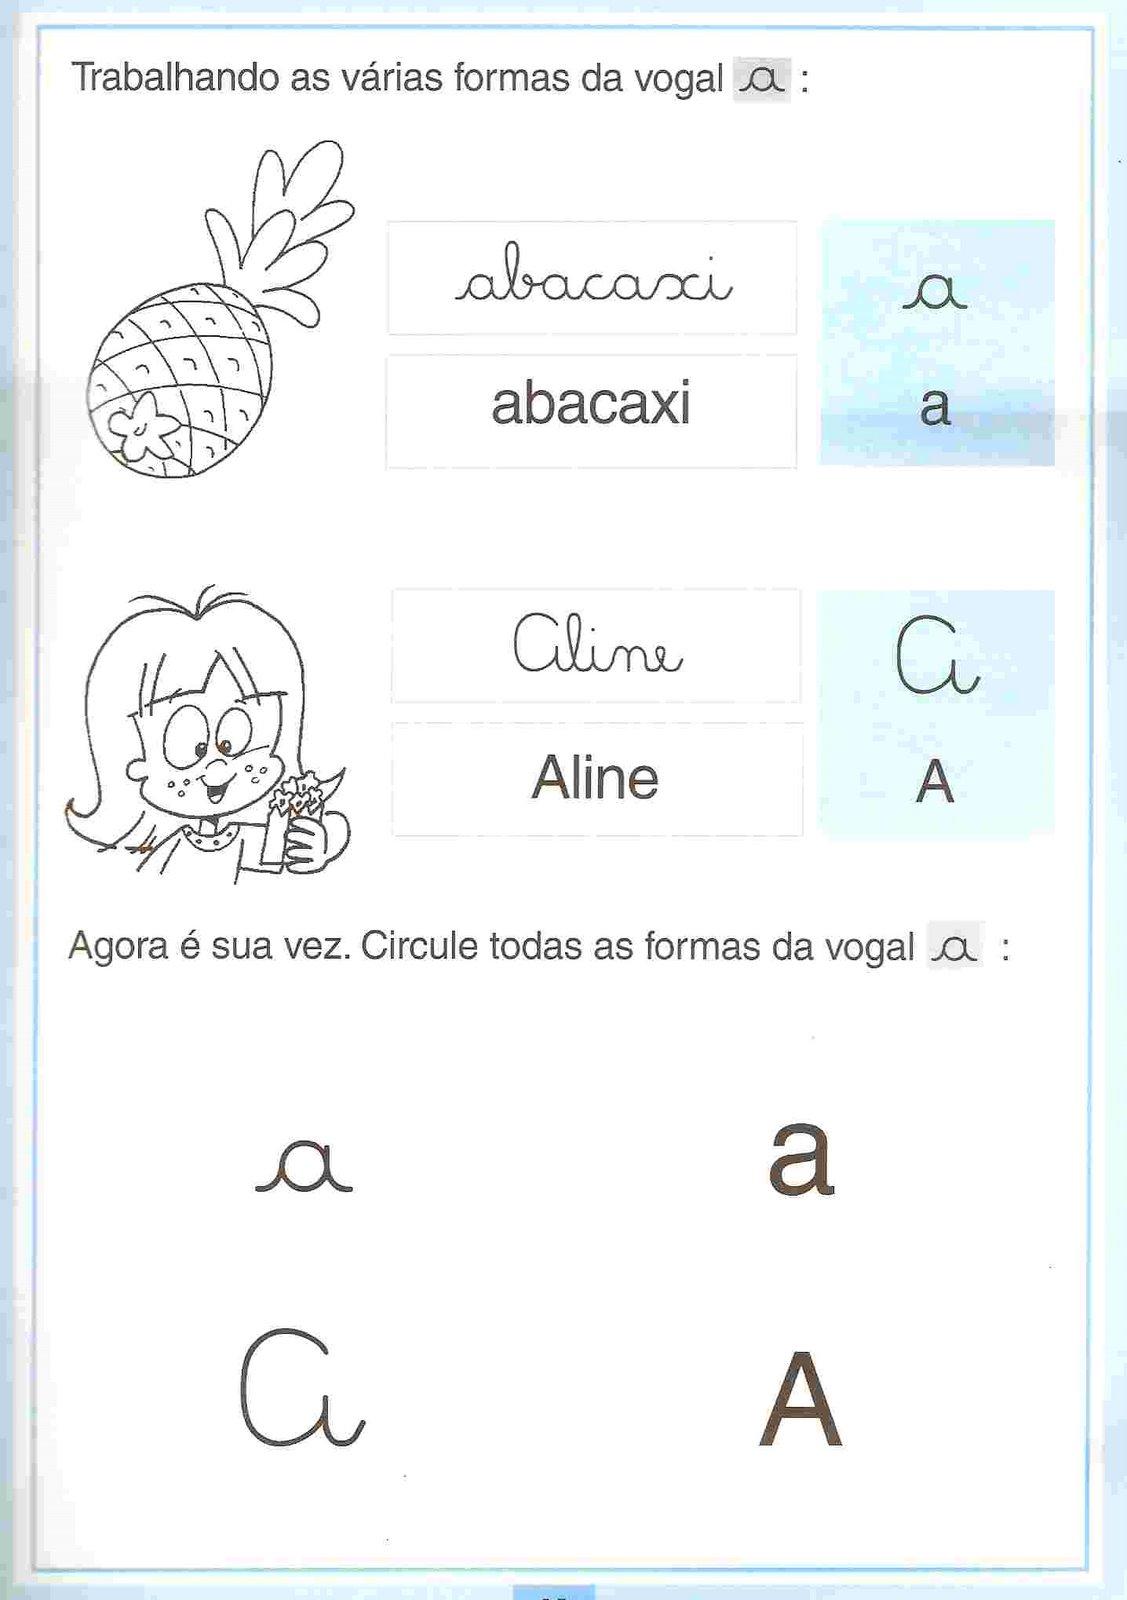 Amado A Arte de Educar: Atividades com vogais para Educação infantil! BK17